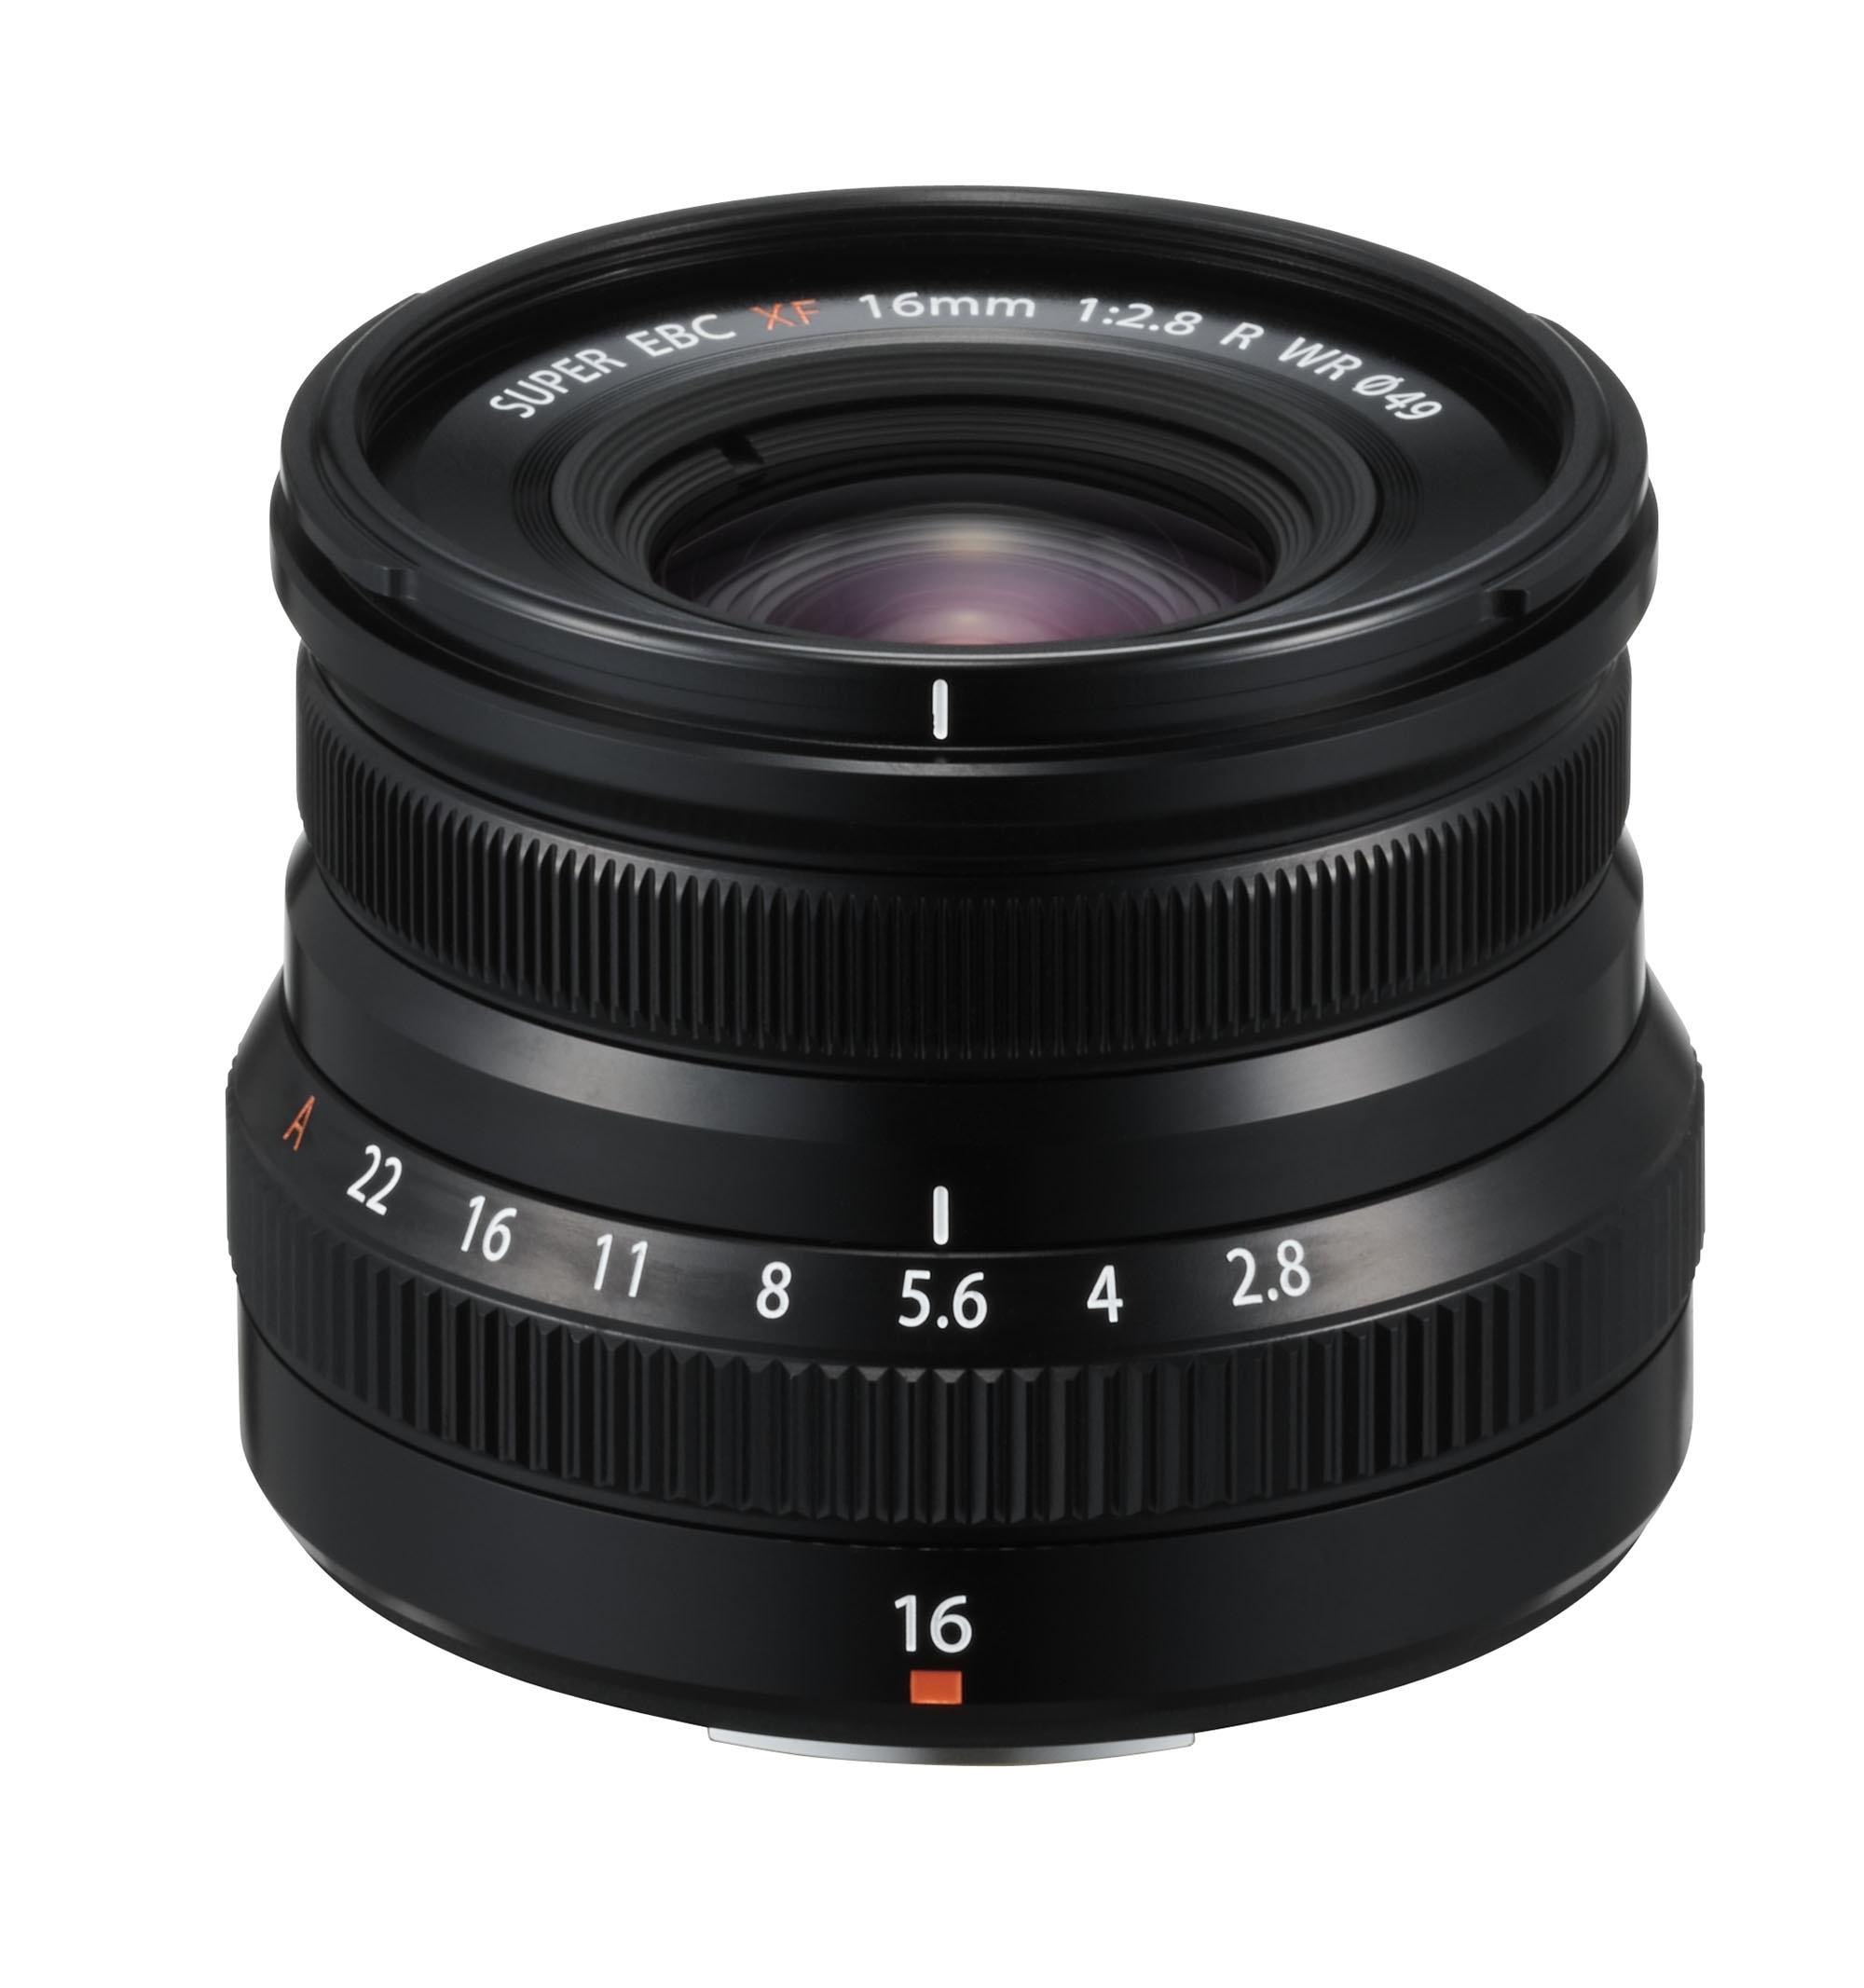 Fujifilm XF 16mm f/2,8 WR Svart